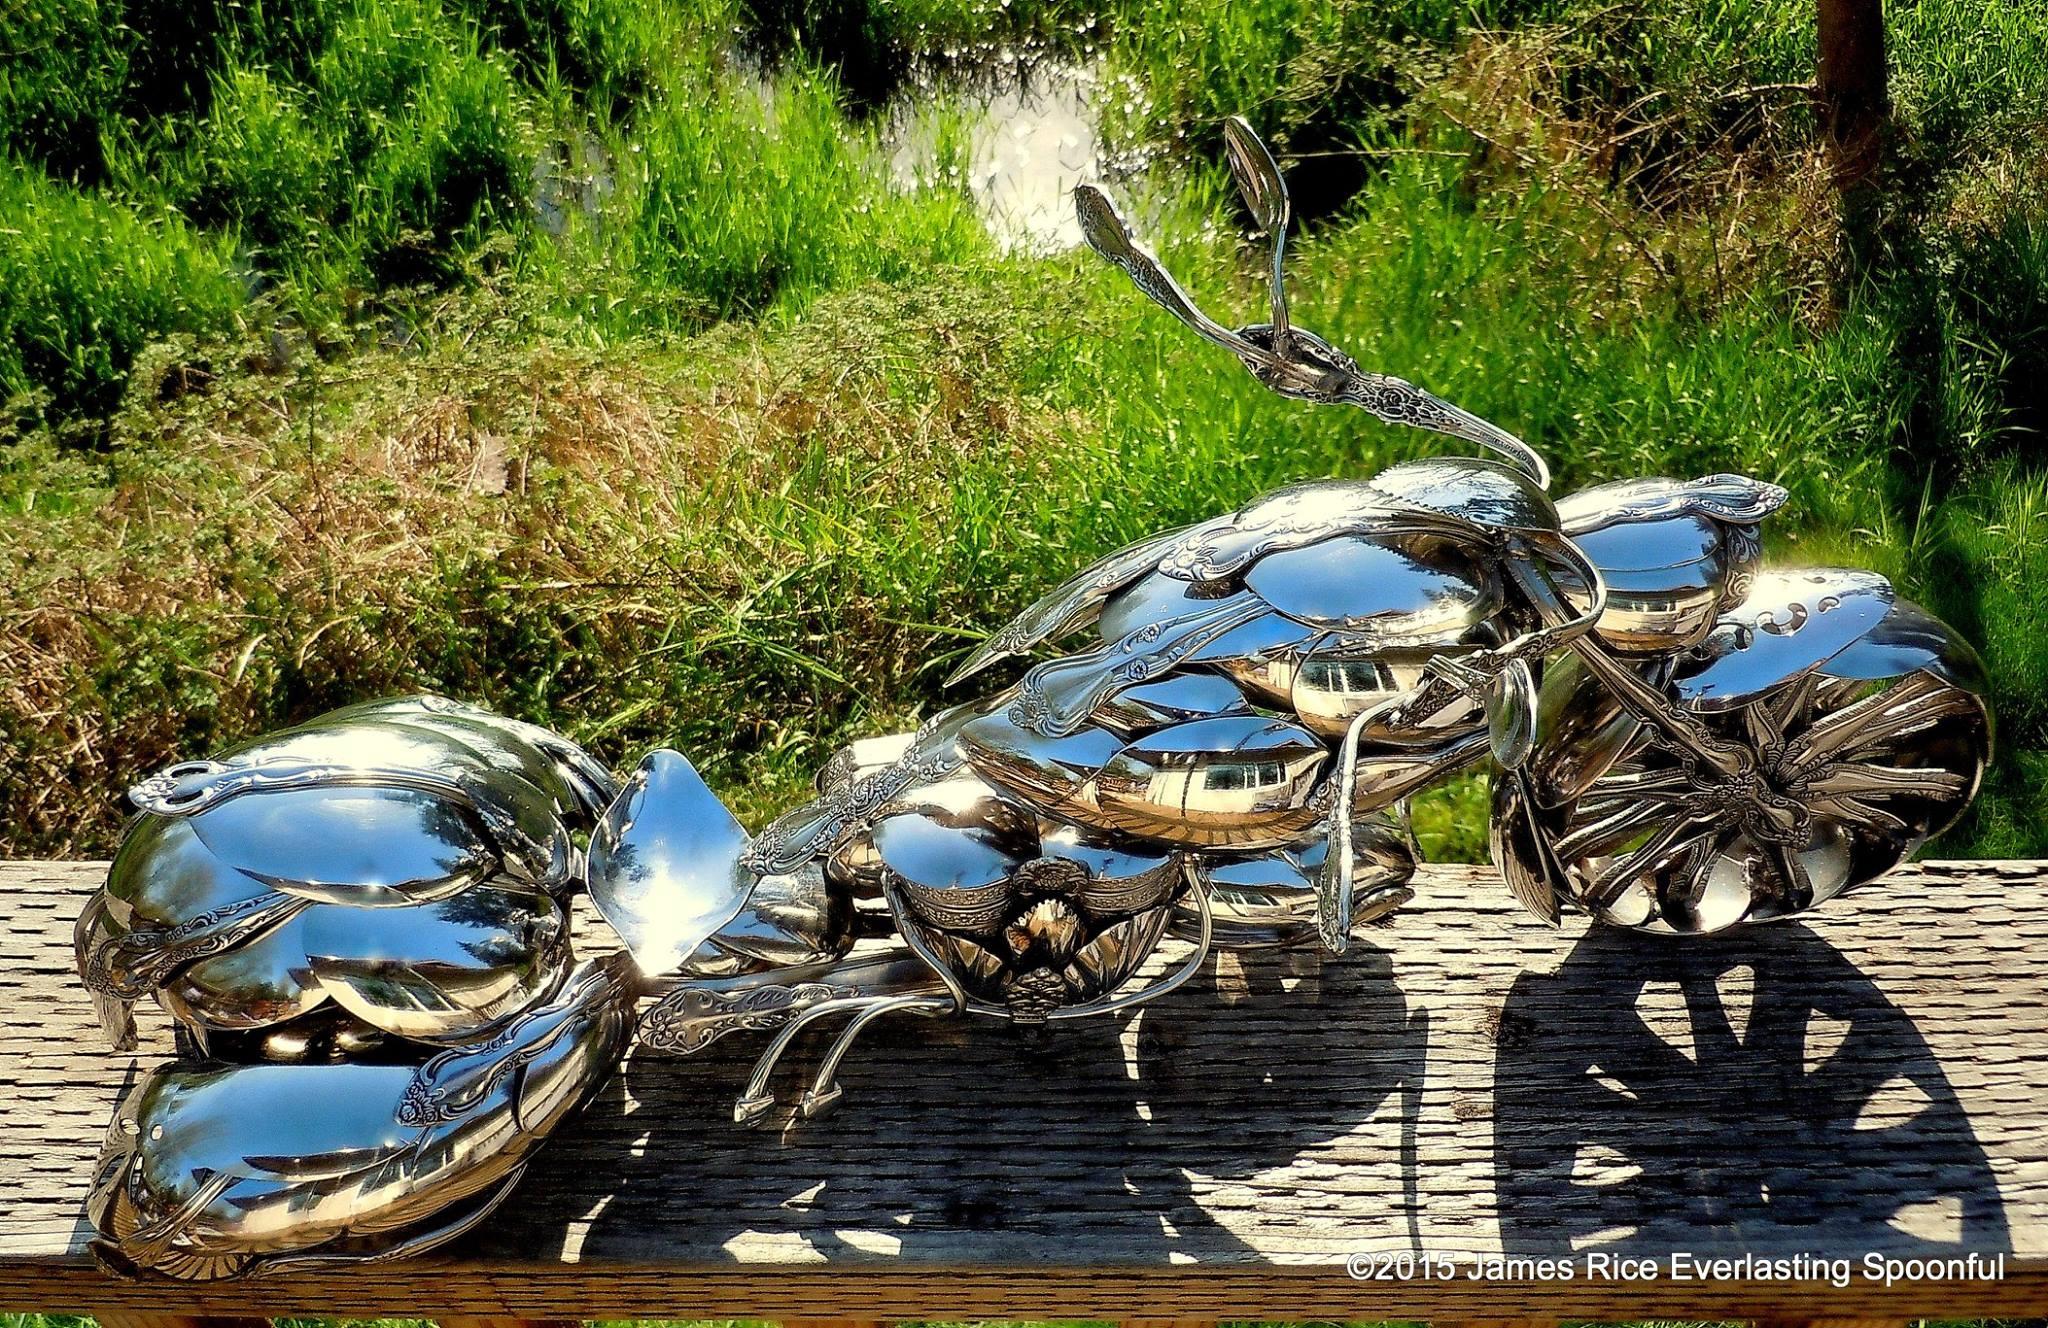 Una moto fatta di cucchiai piegati